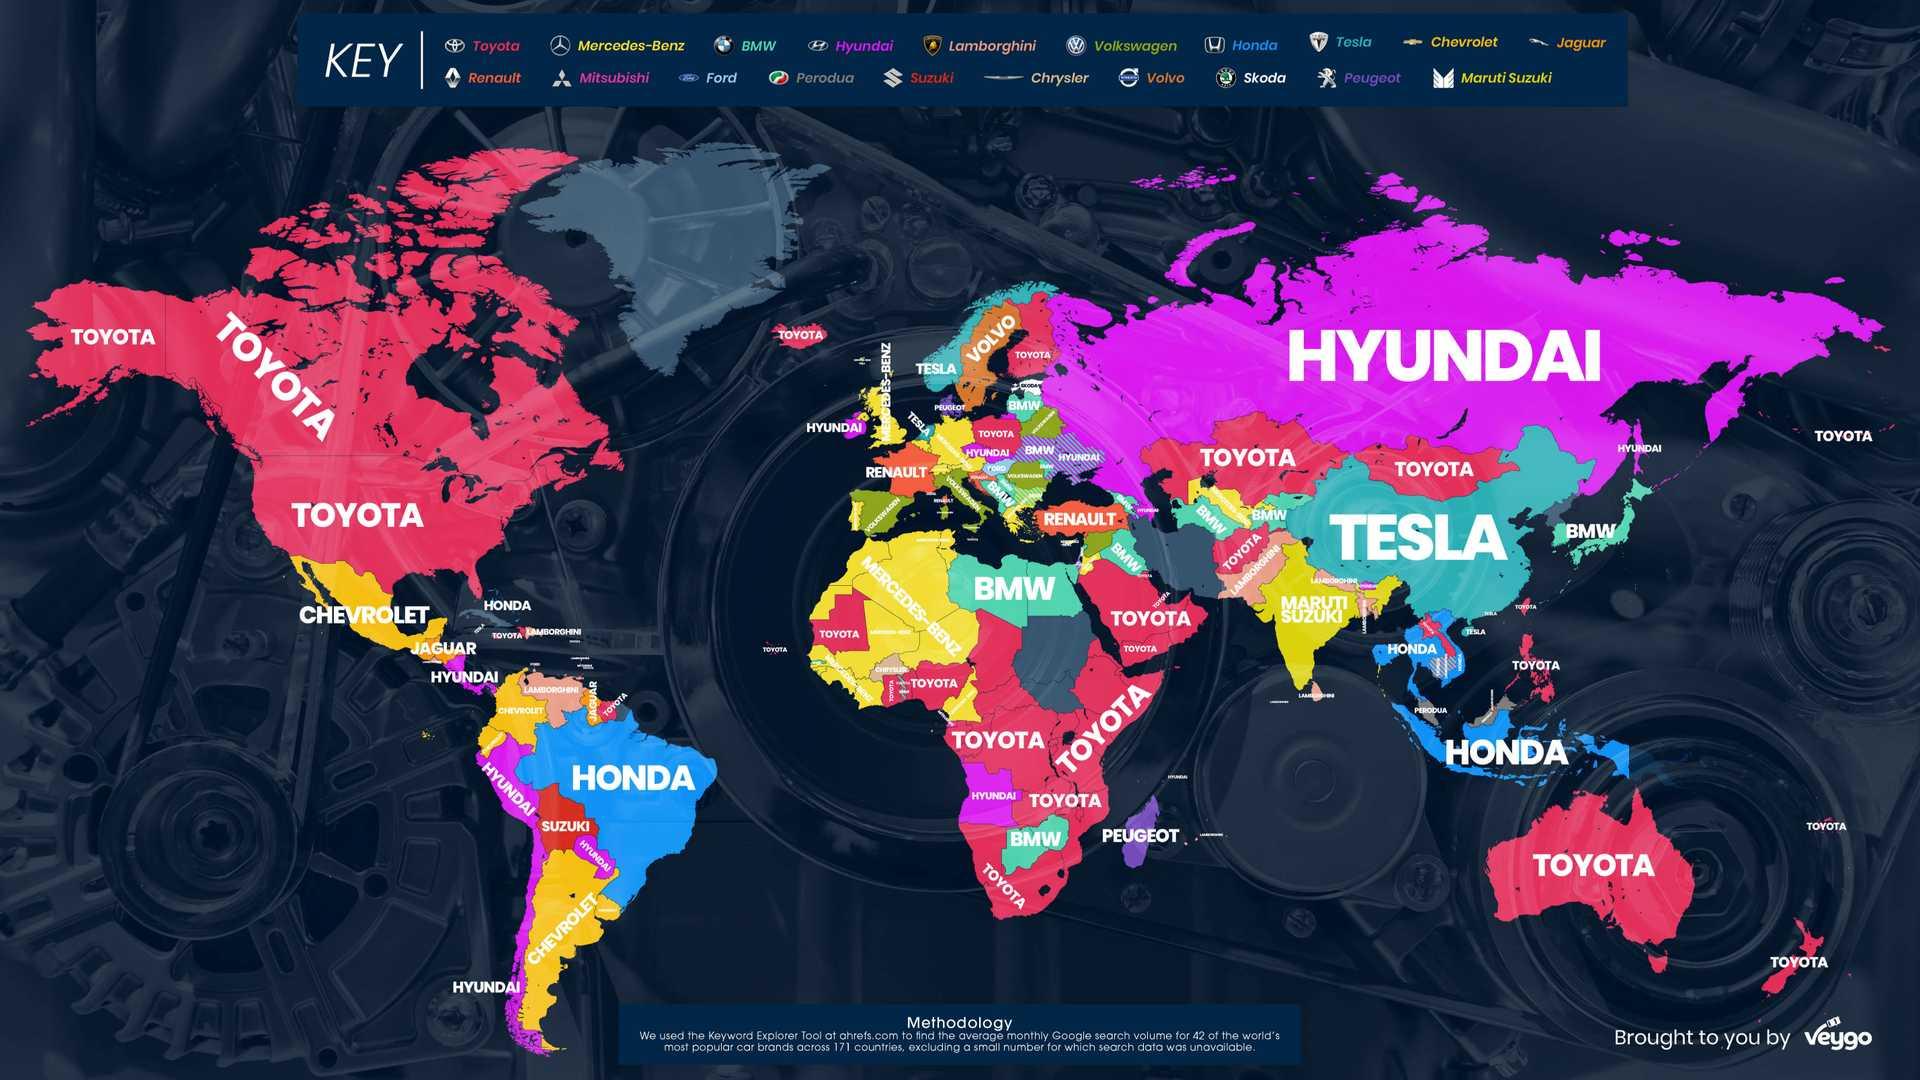 Названы автомобильные марки, которые чаще всего «гуглят» в разных странах